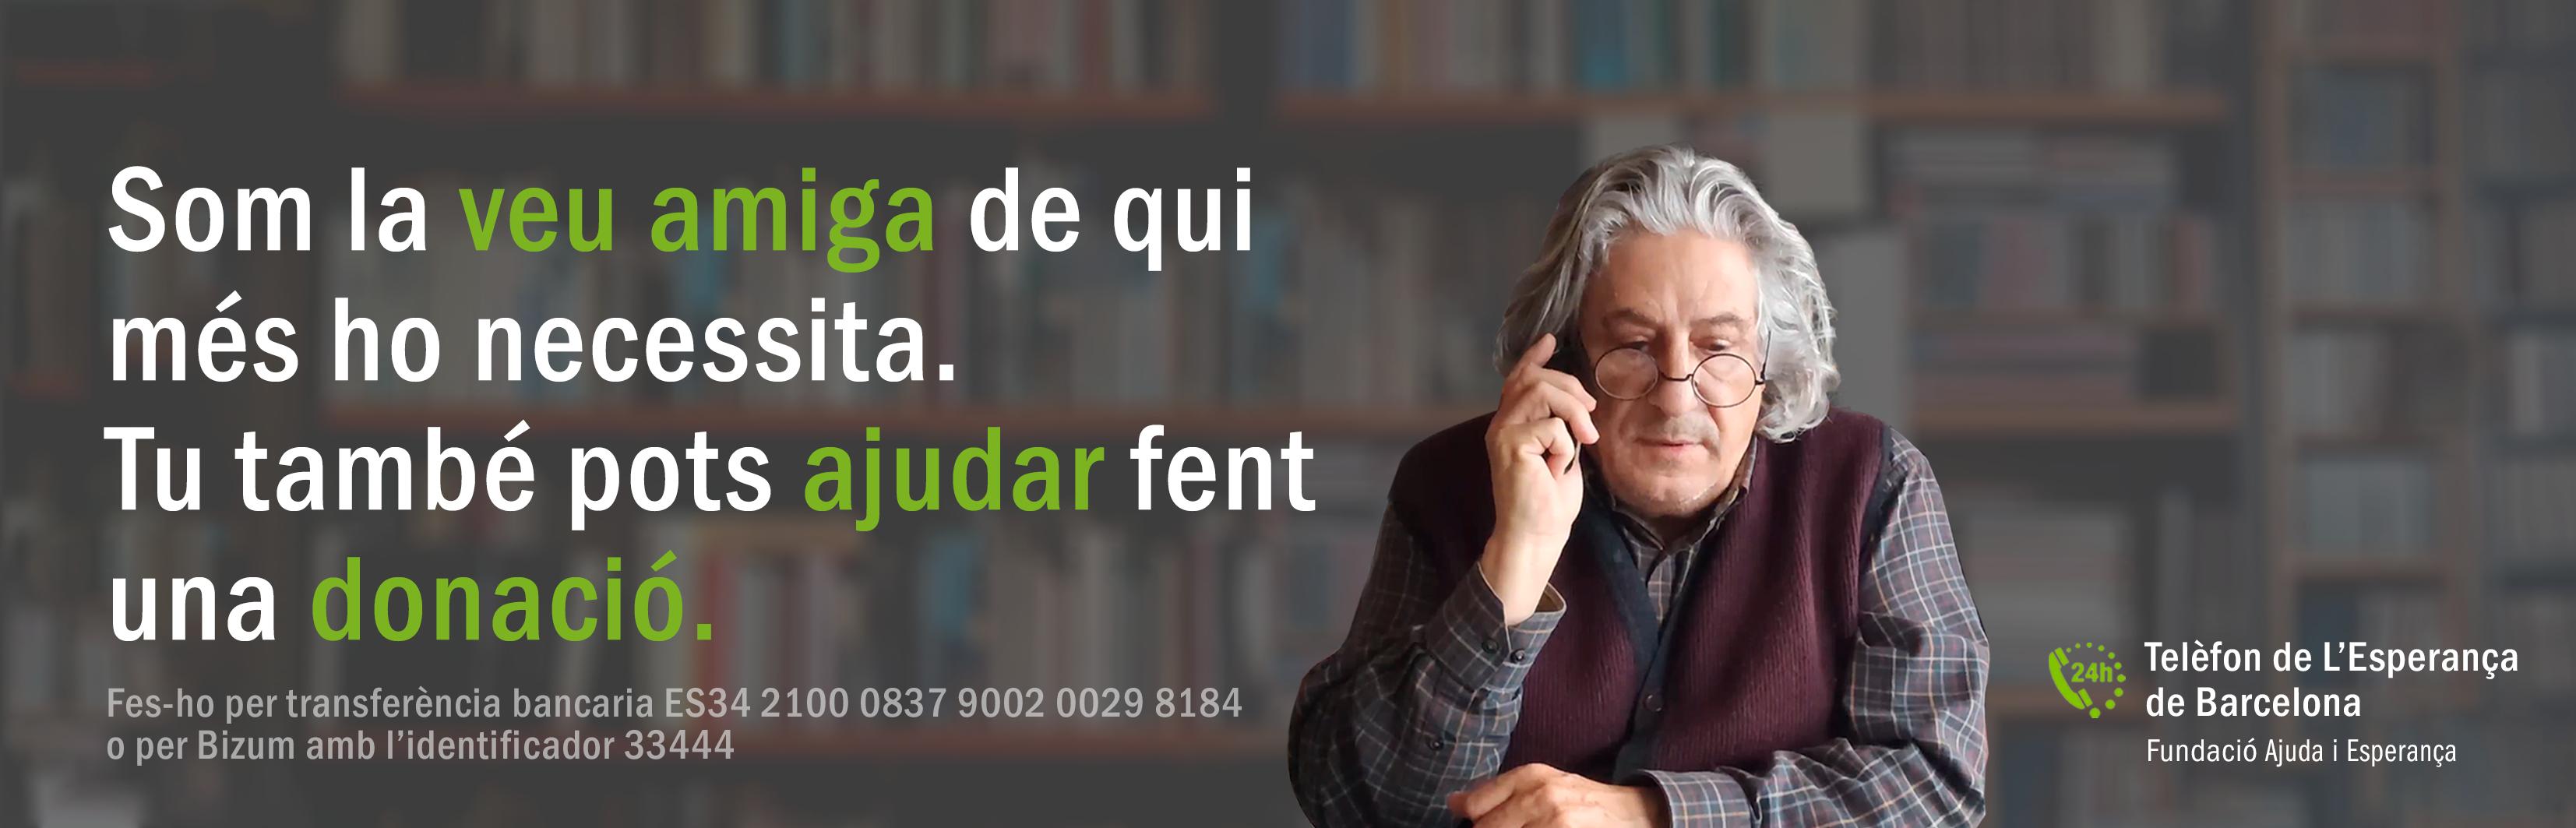 El Telèfon de l'Esperança ha habilitat un compte per rebre transferències. Font: Telèfon de l'Esperança de Barcelona